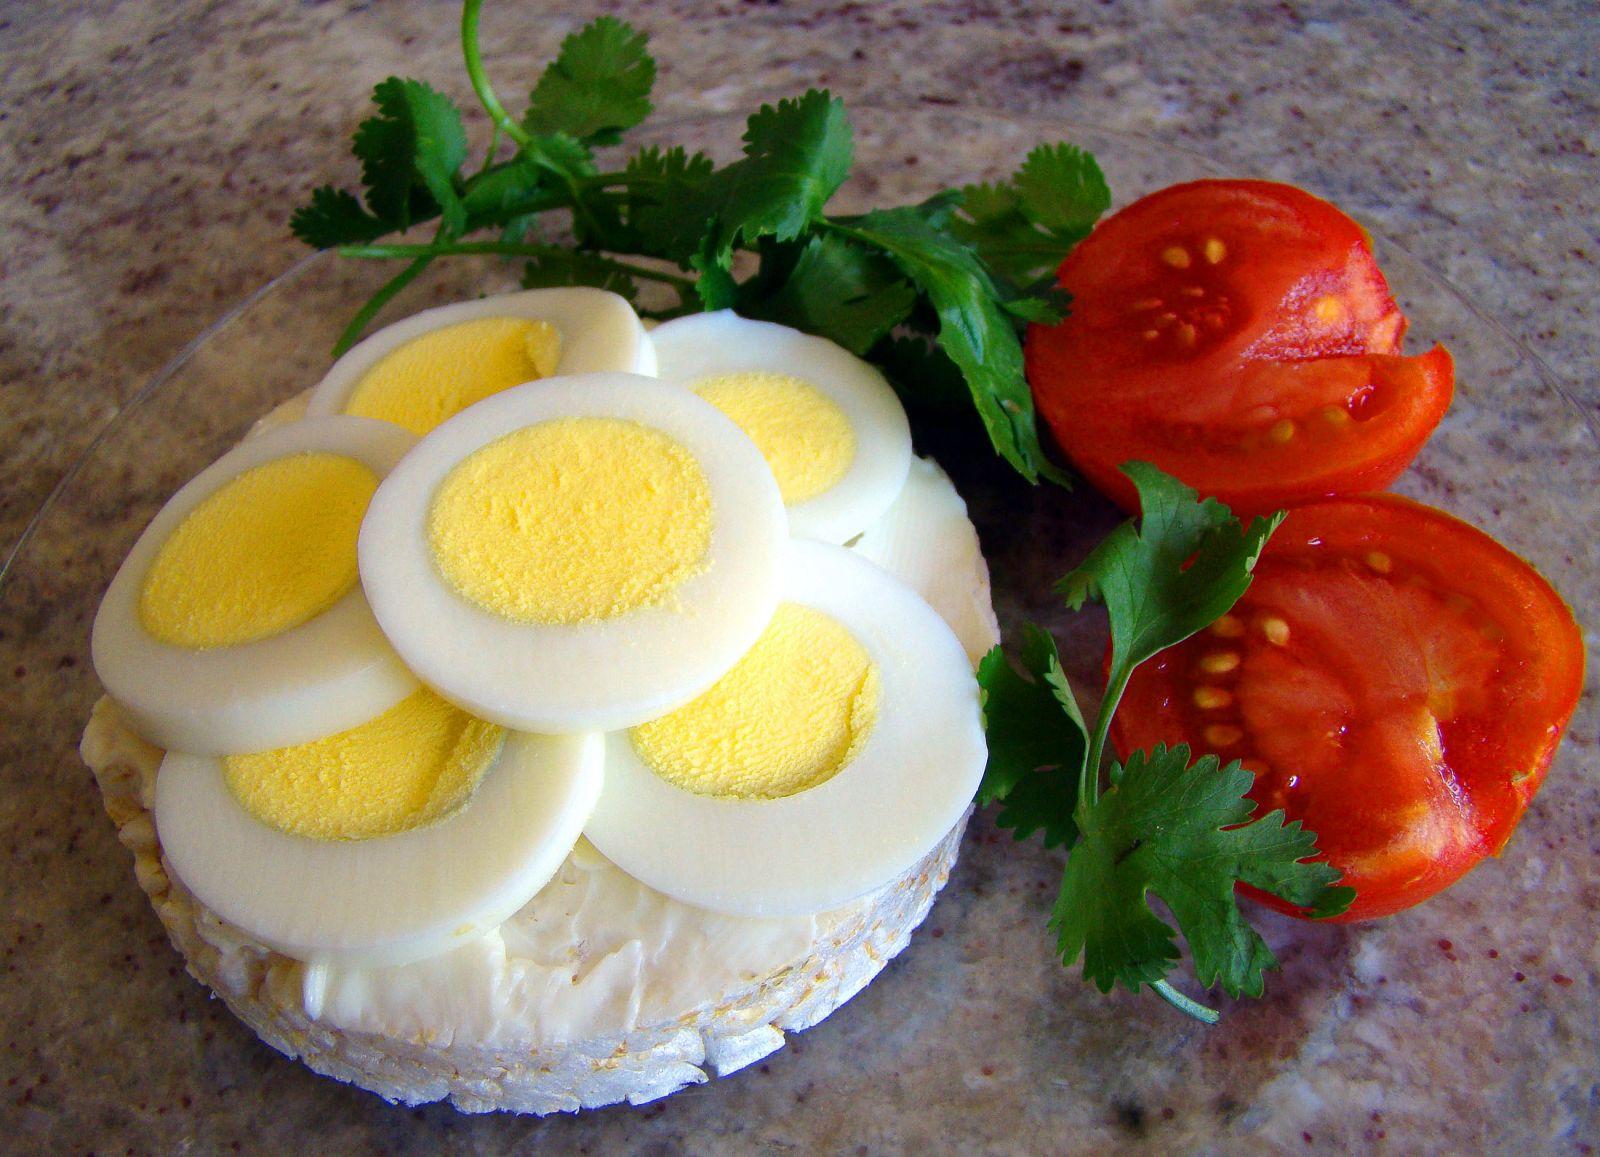 Диета Отварное Яйцо. Эффективная Диета «Вареные яйца» — быстрое и полезное похудение